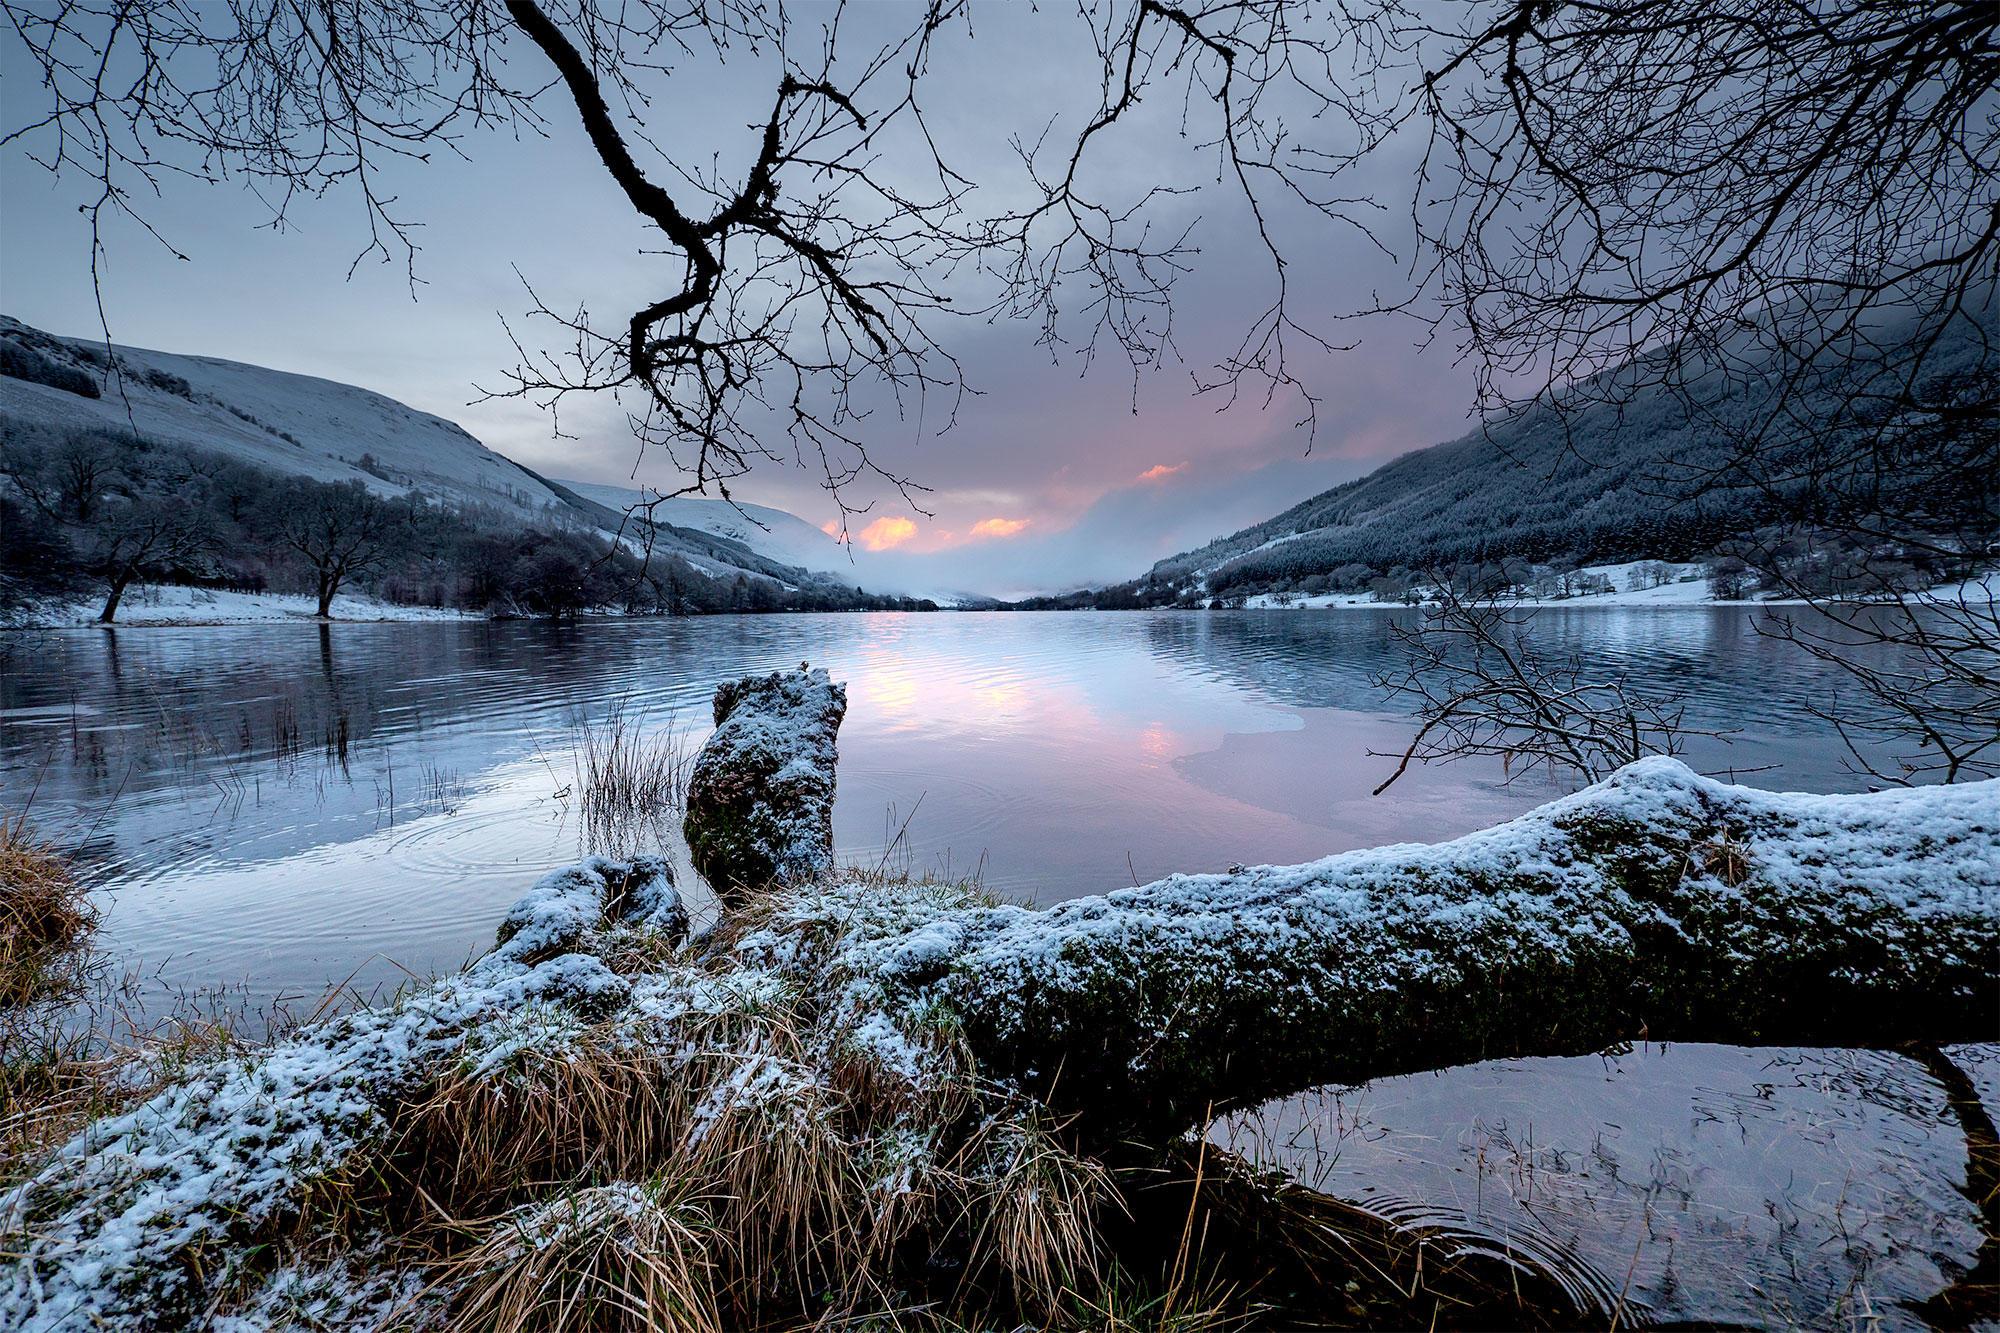 обои зима, озеро, горы, деревья картинки фото